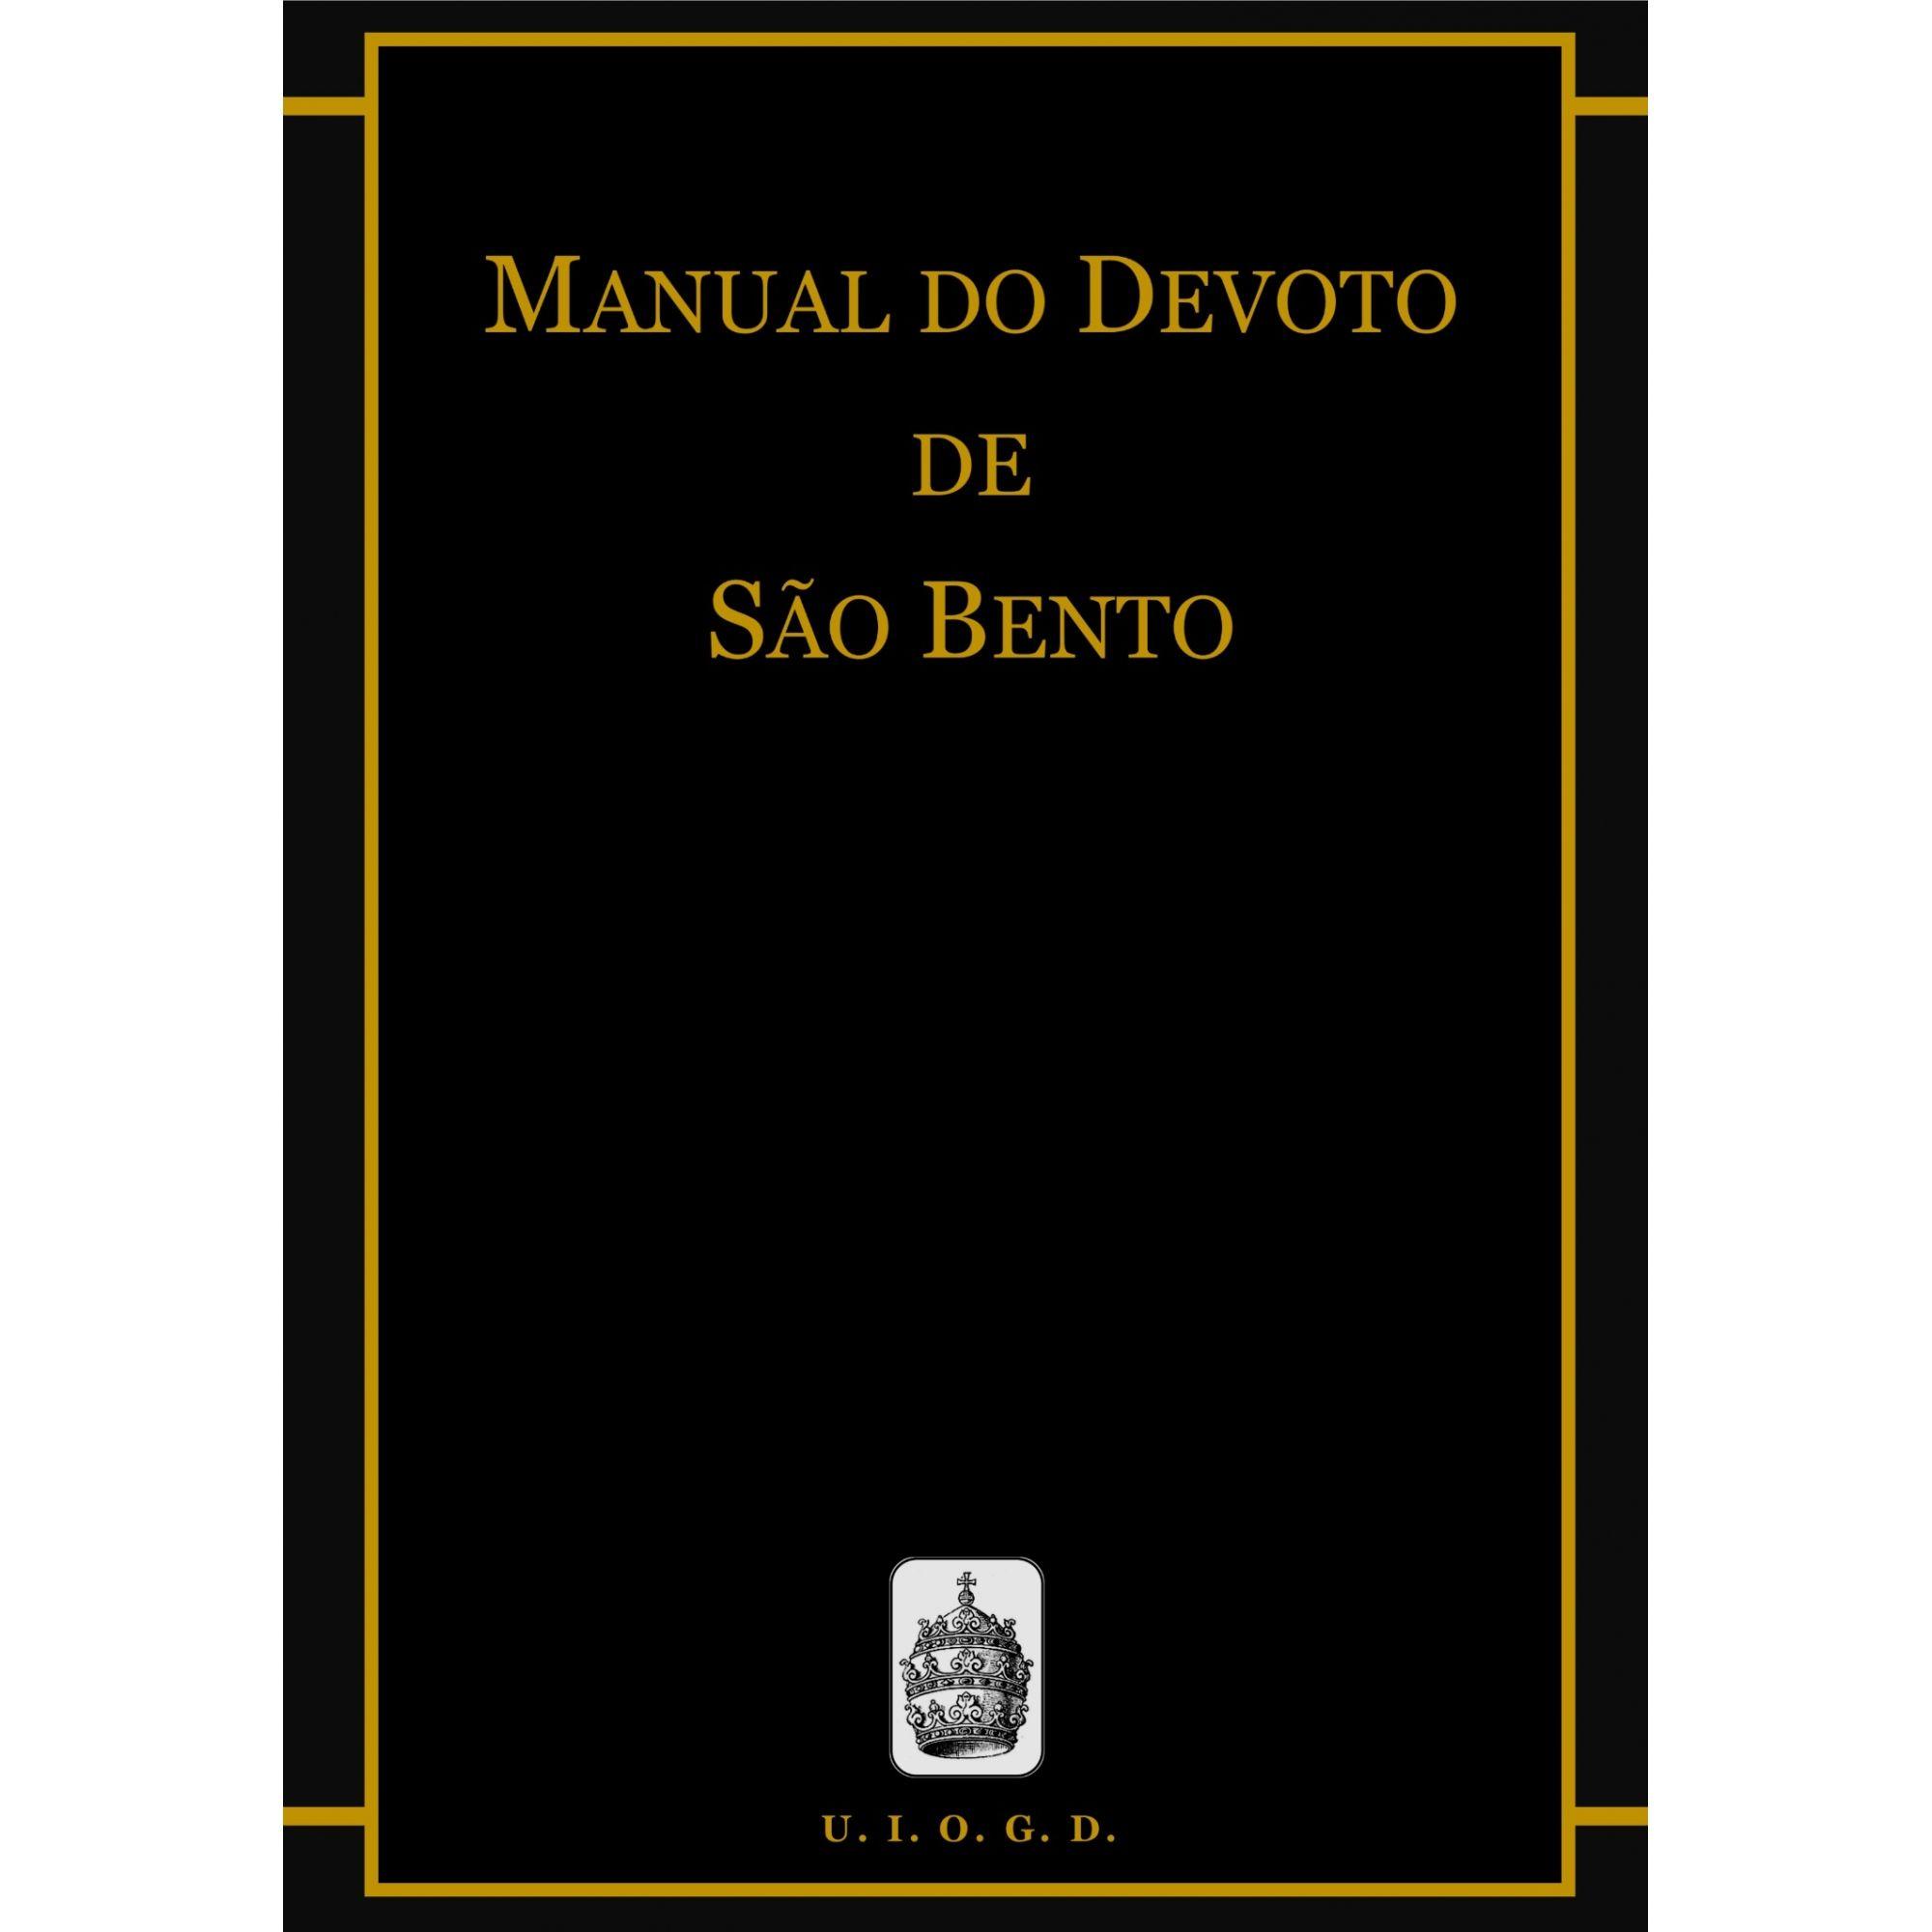 Manual do Devoto de São Bento